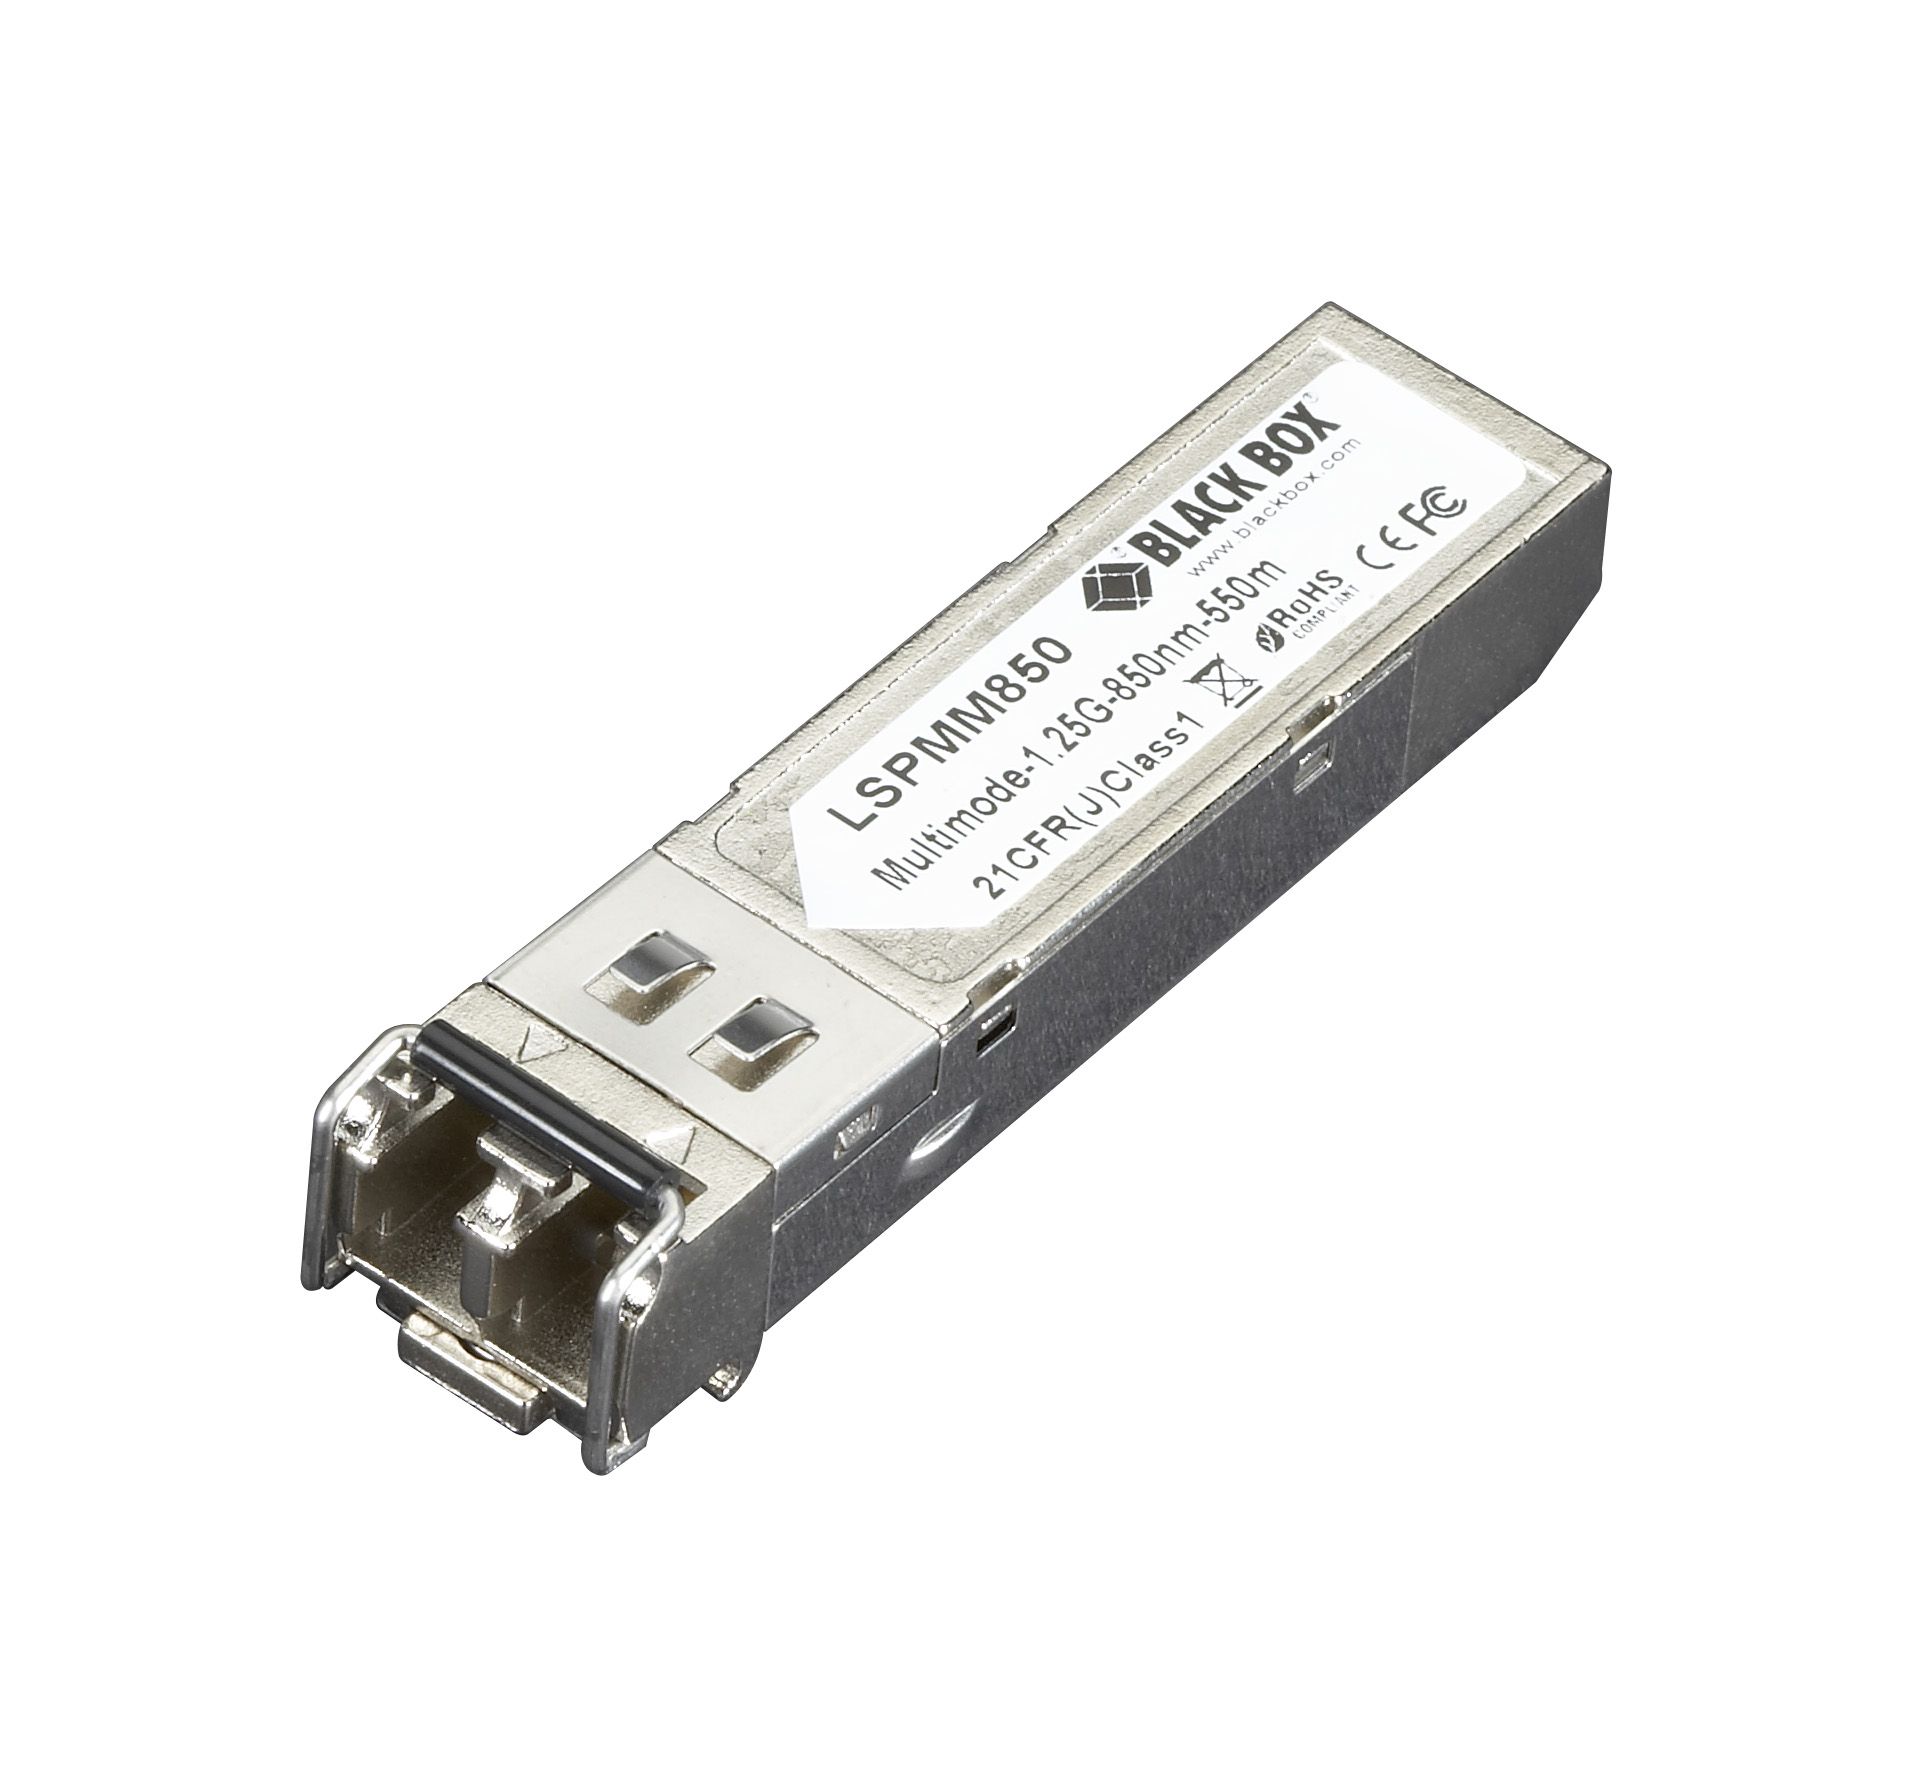 LanScopePro Multimode SFP, 1.25 Gbps, 850-nm, 550 m